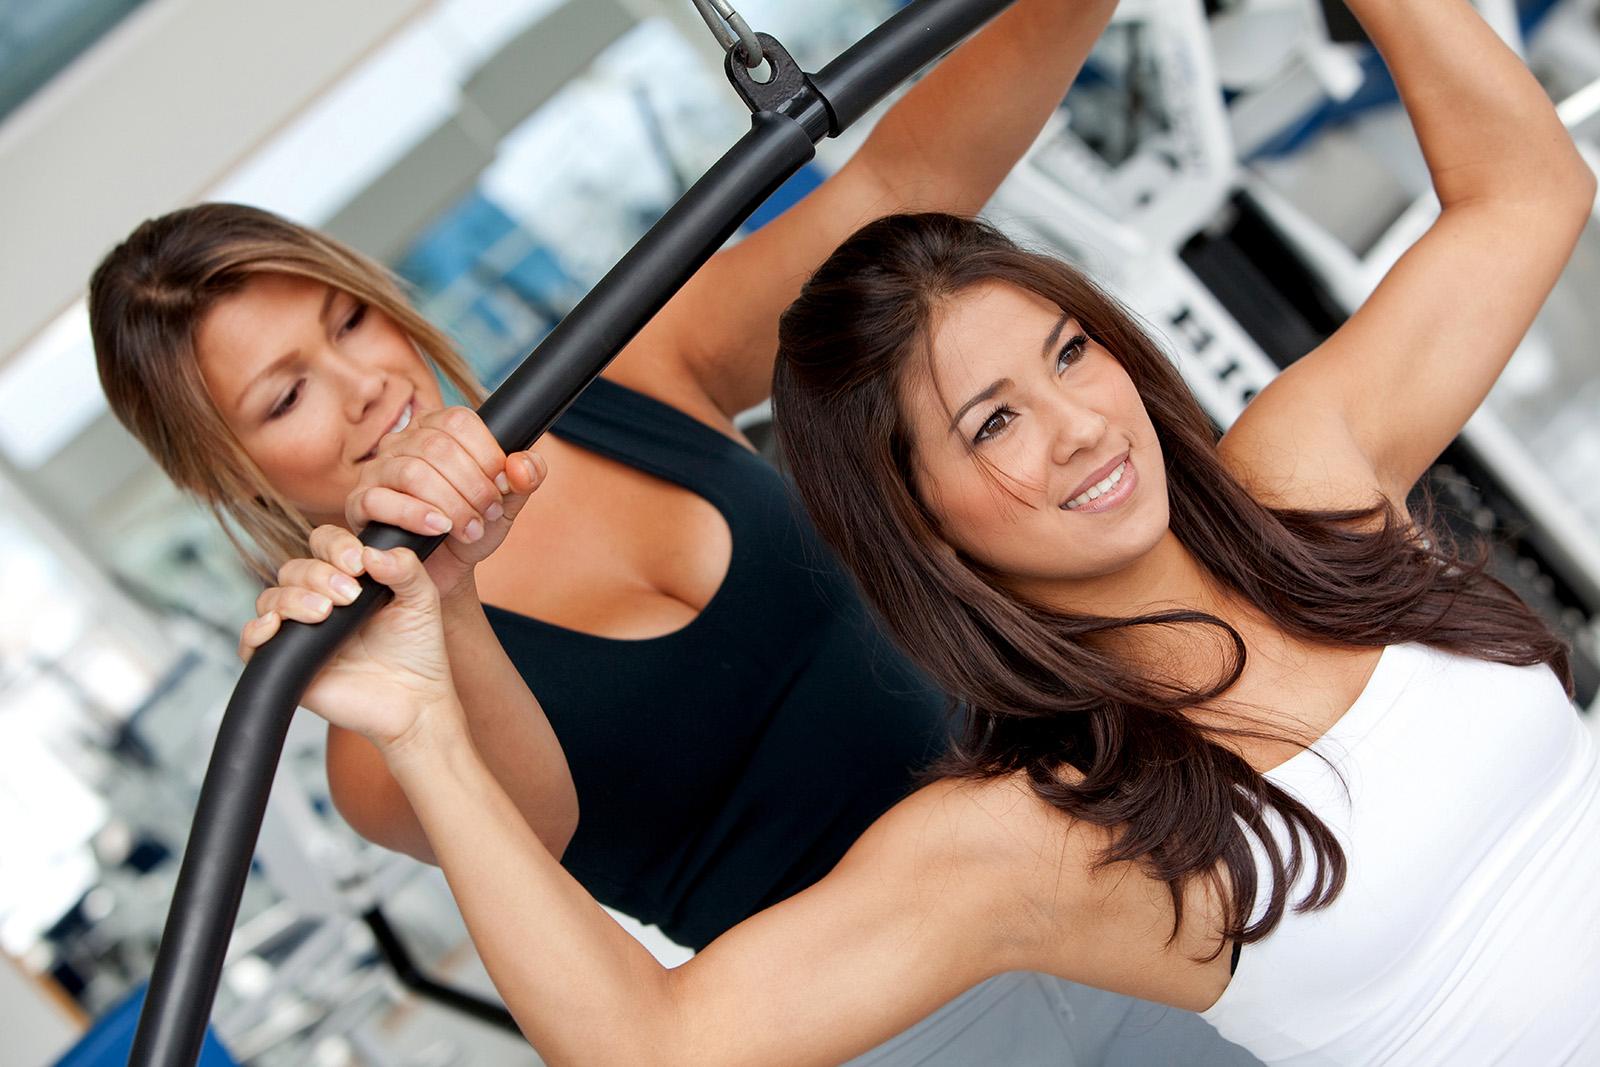 Iść na siłownię czy nie iść? Poznaj plusy i minusy.